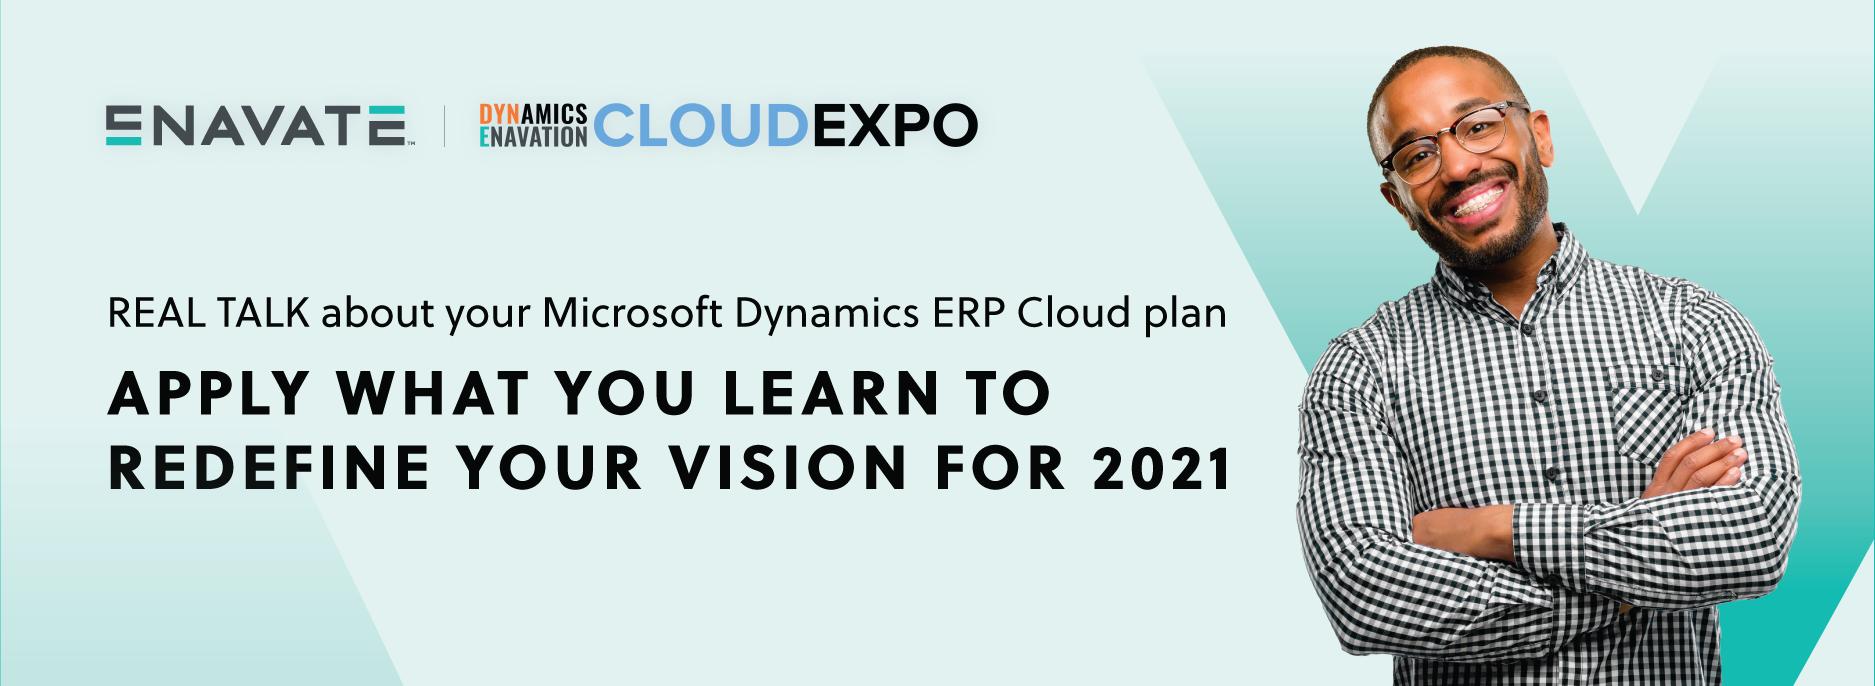 Dynamics Enavation Cloud Expo